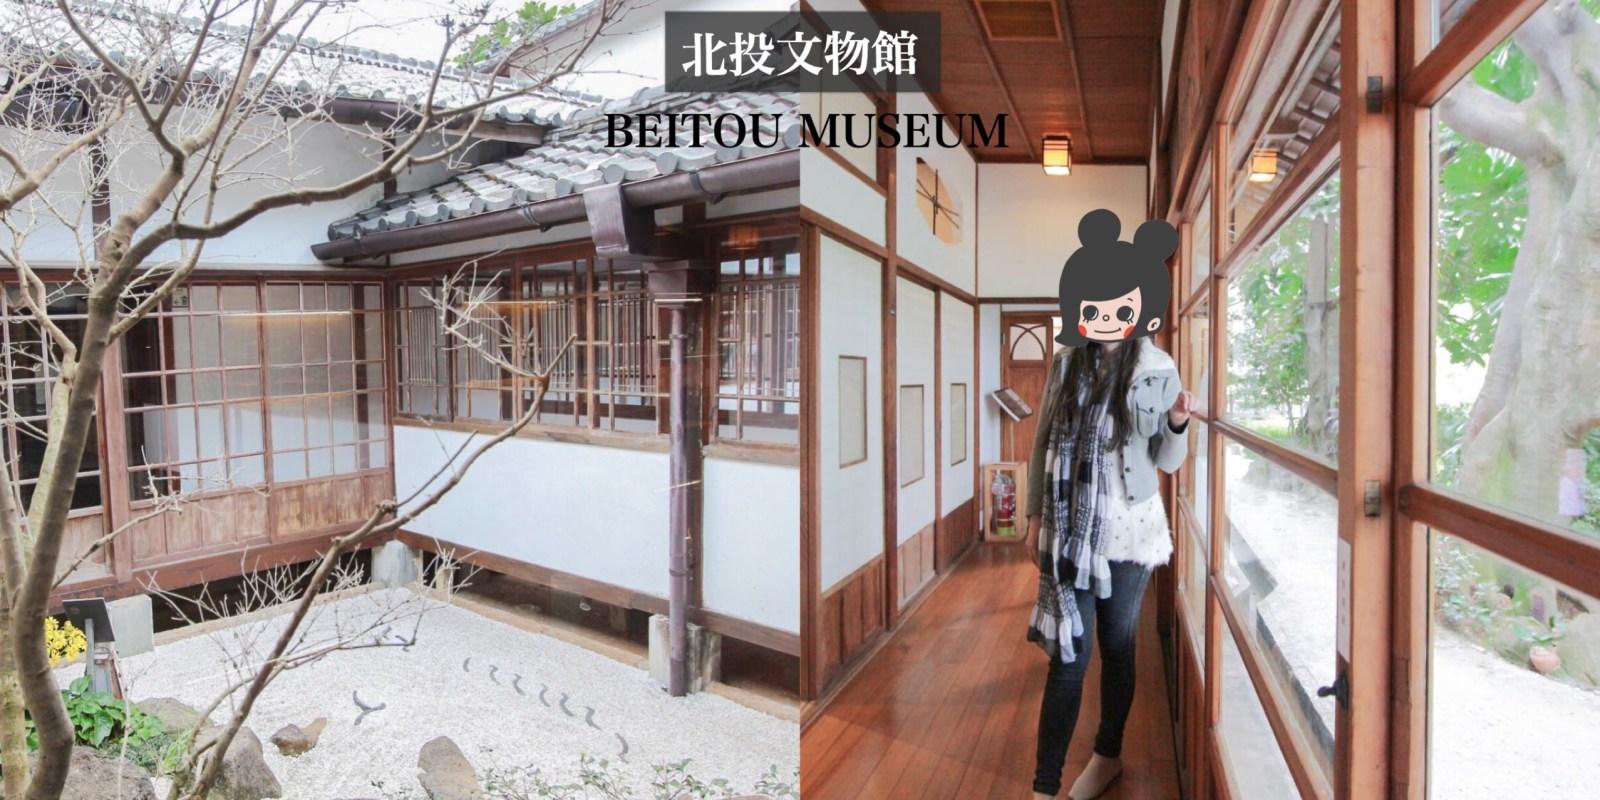 北投文物館-台北北投景點|昔日頂級溫泉旅館古蹟  神風特攻隊招待所 享受最極致的日式風情